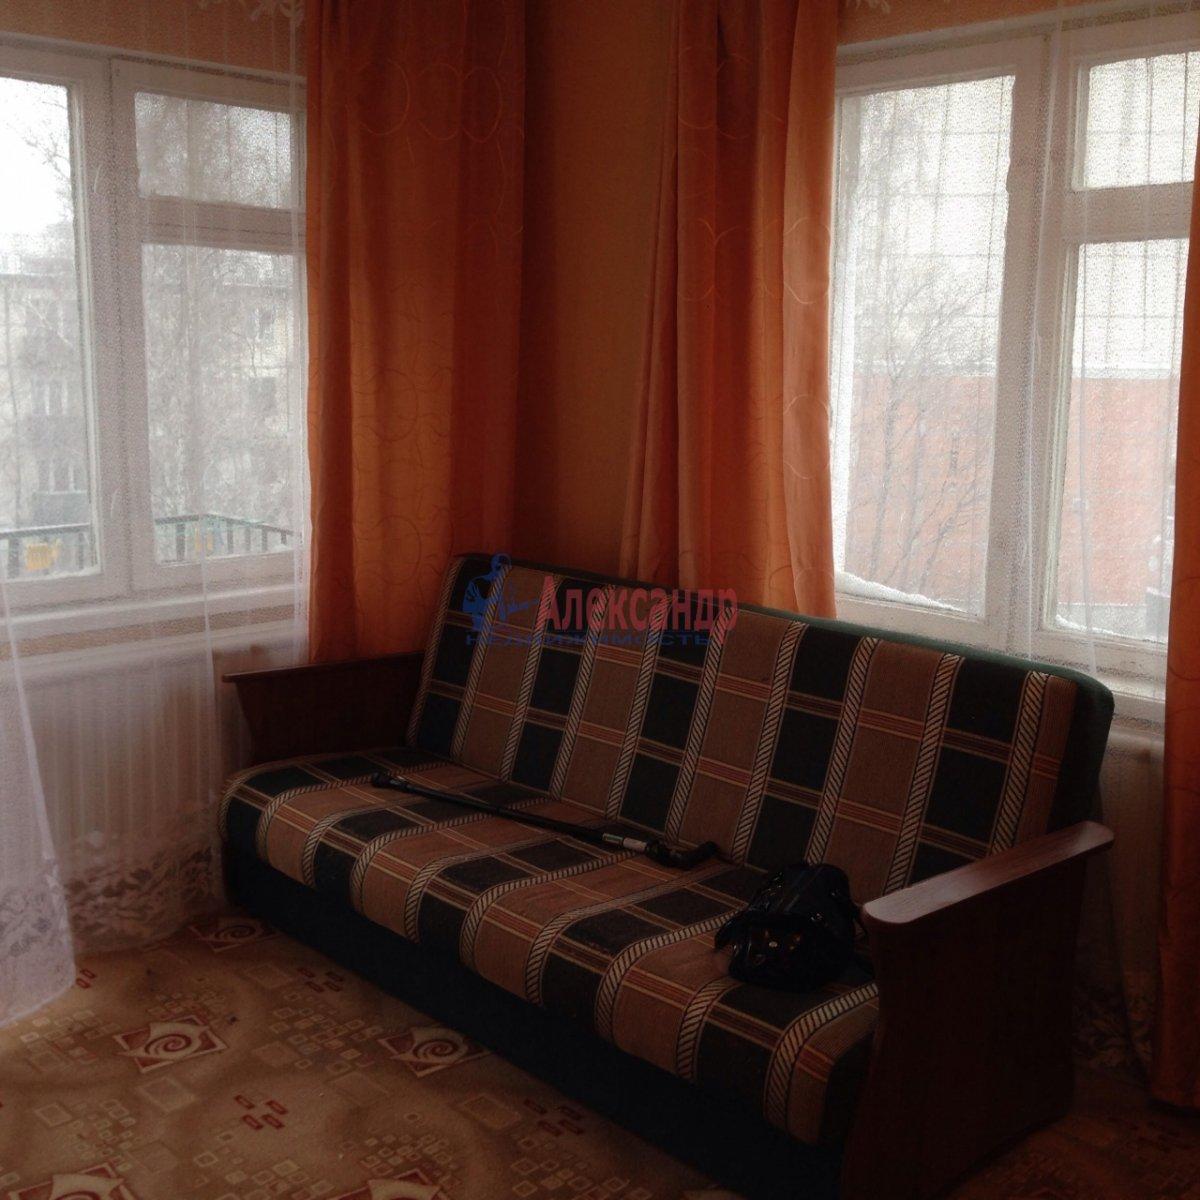 1-комнатная квартира (36м2) в аренду по адресу Карпинского ул., 31— фото 1 из 7